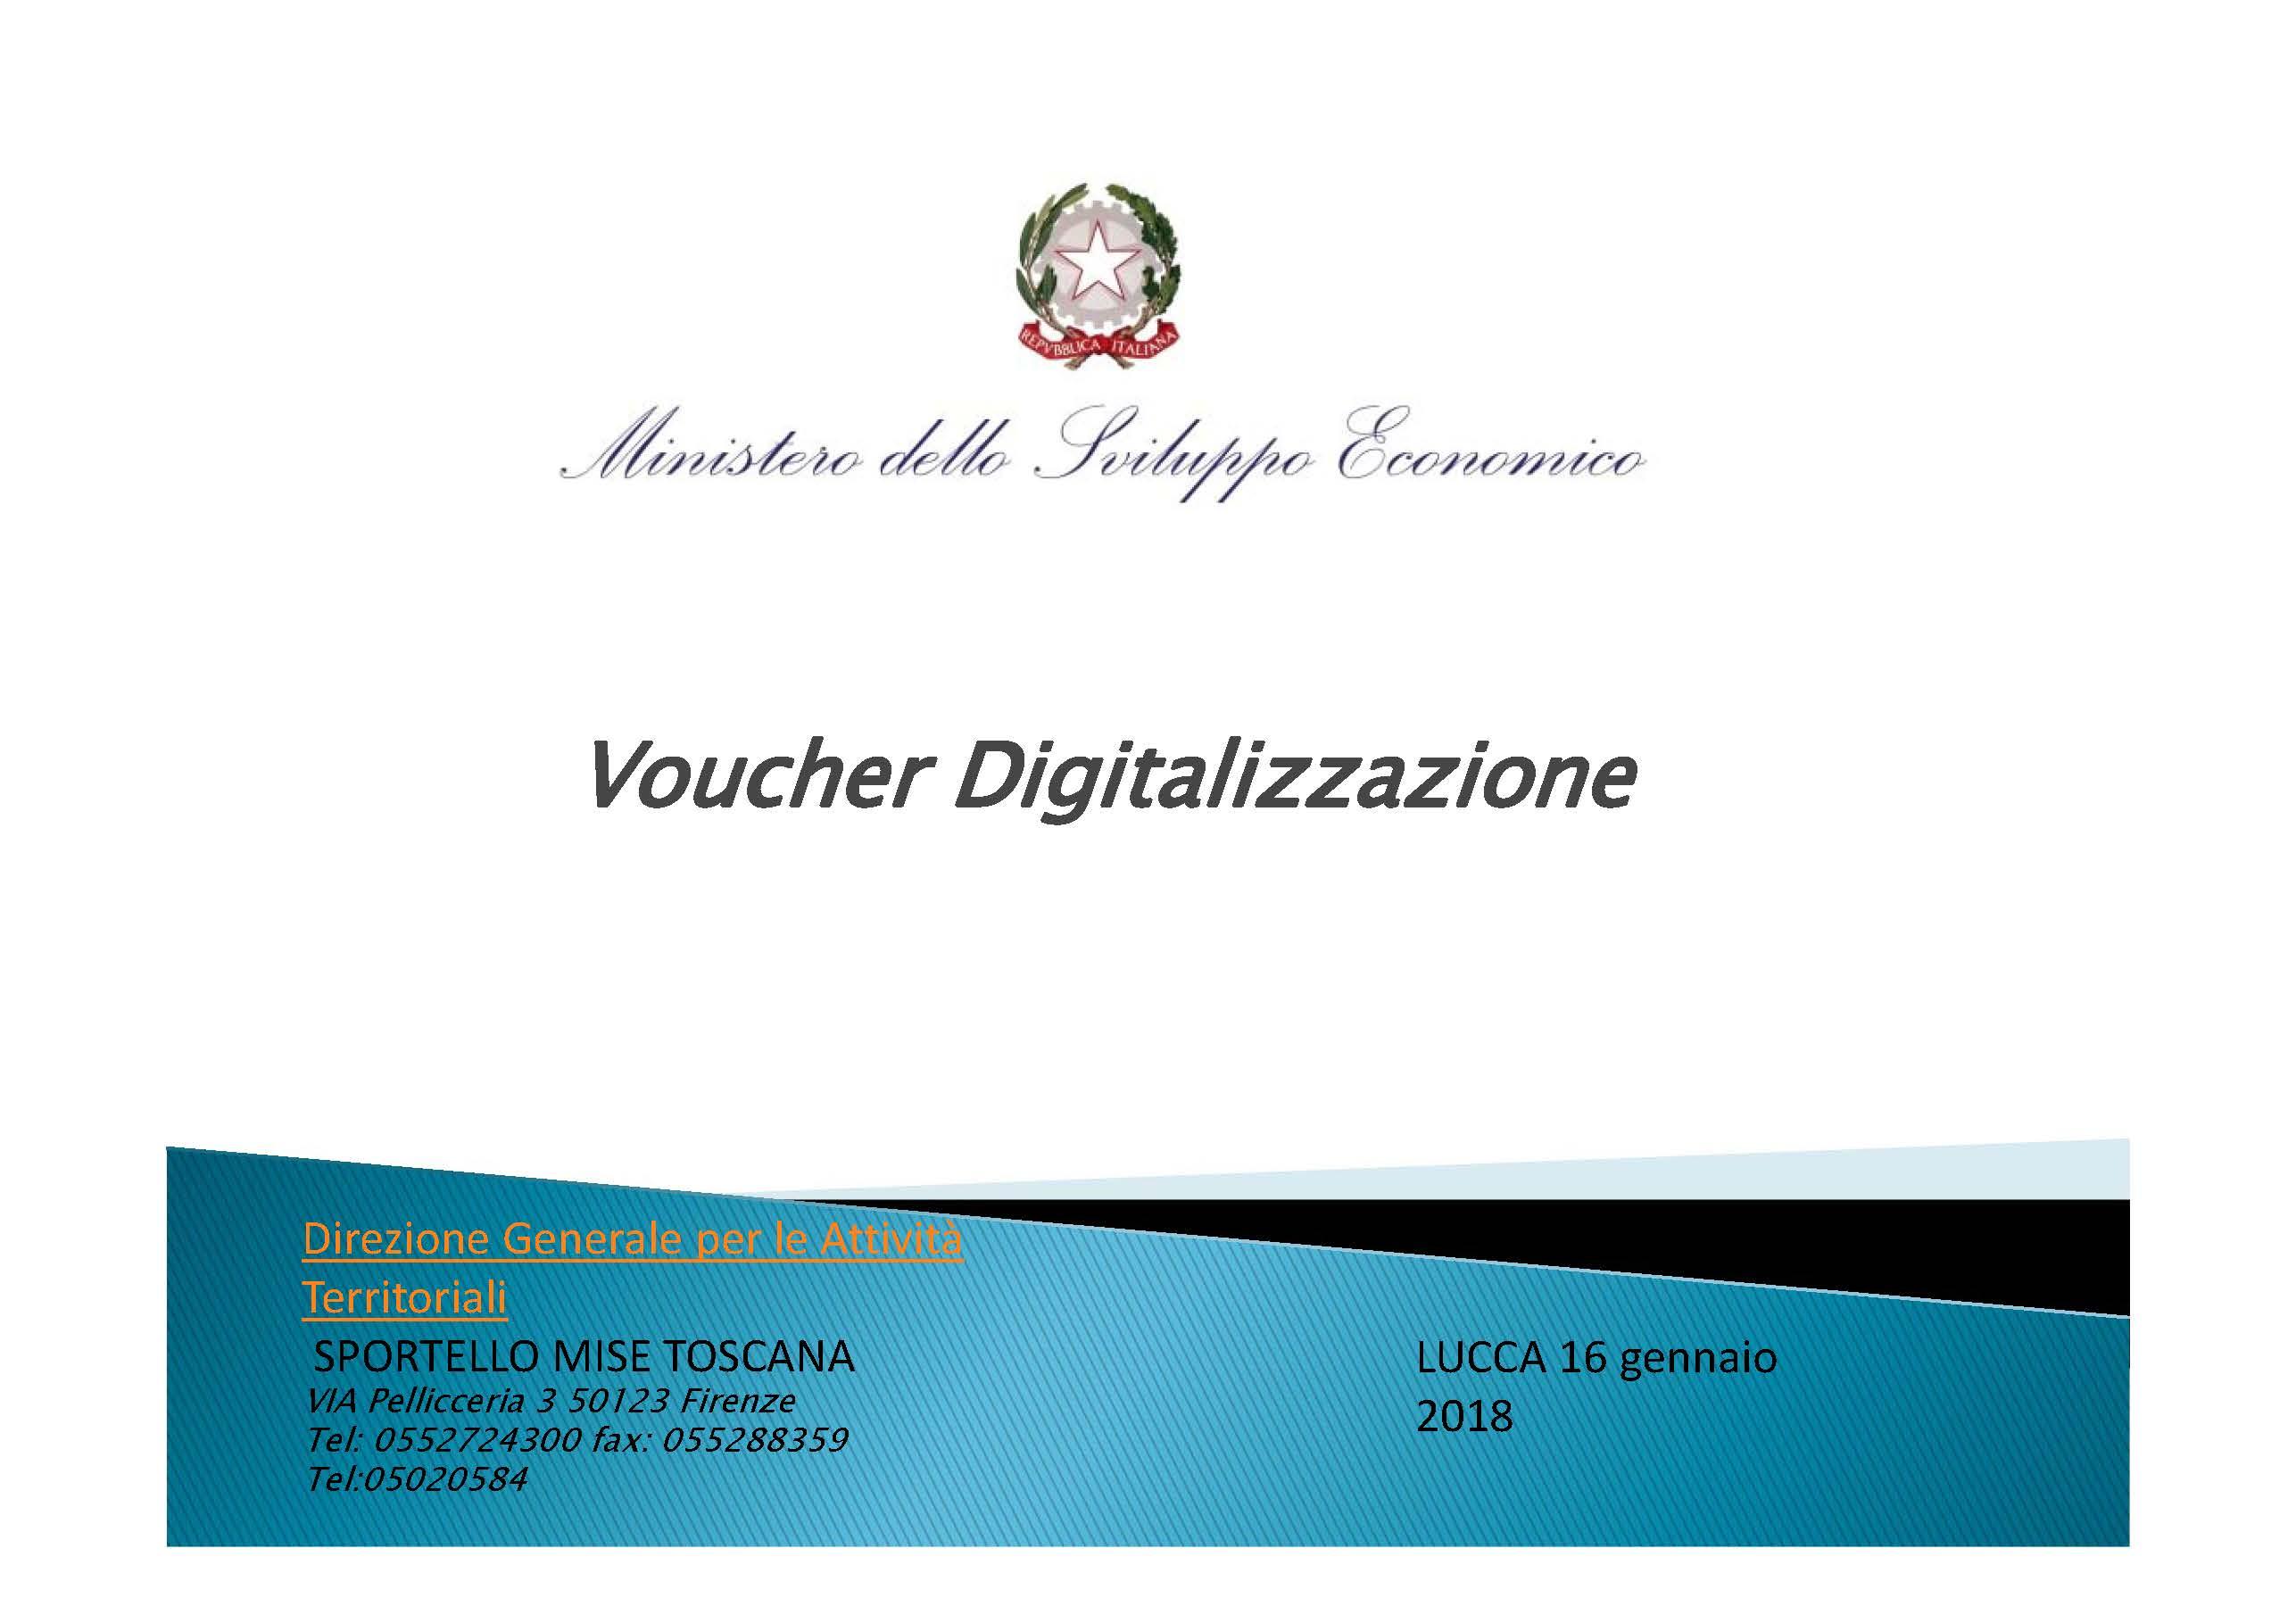 voucher-digitalizzazione-slide-bandoni_pagina_01